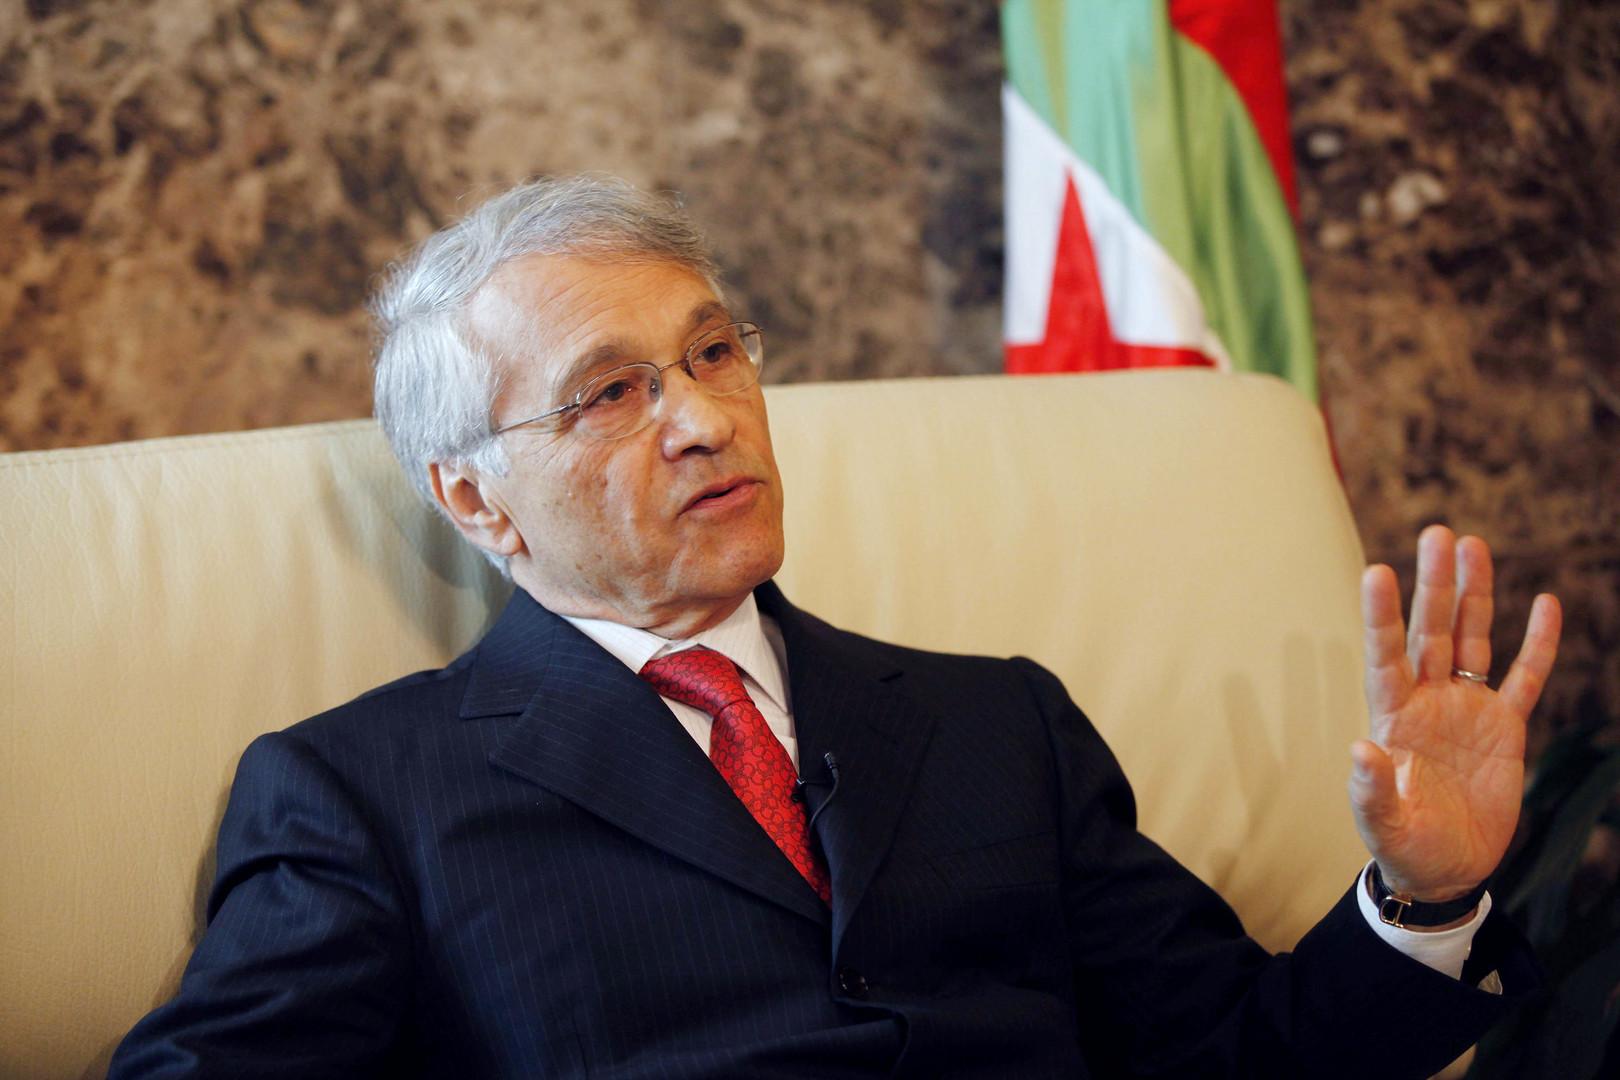 مذكرة قبض دولية بحق وزير جزائري سابق